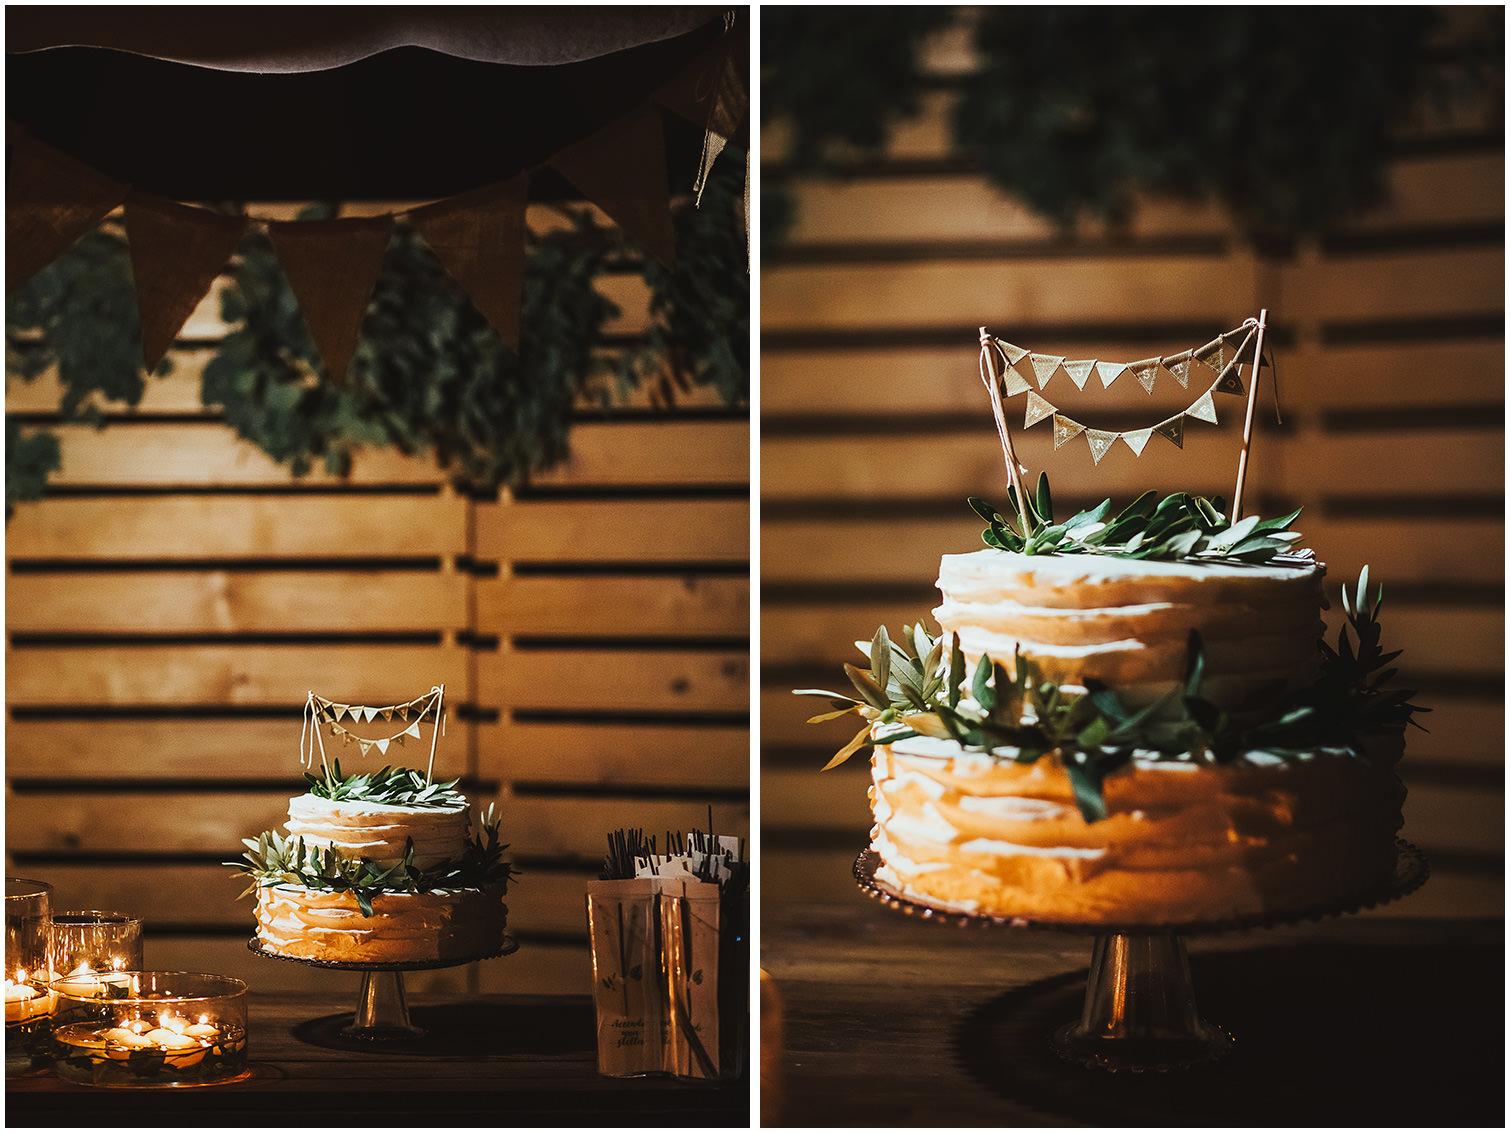 CLARA-RICCARDO-MATRIMONIO-CIRCO-VOLAVOILA-ROMA-SARA-LORENZONI-WEDDING-PHOTOGRAPHY-087